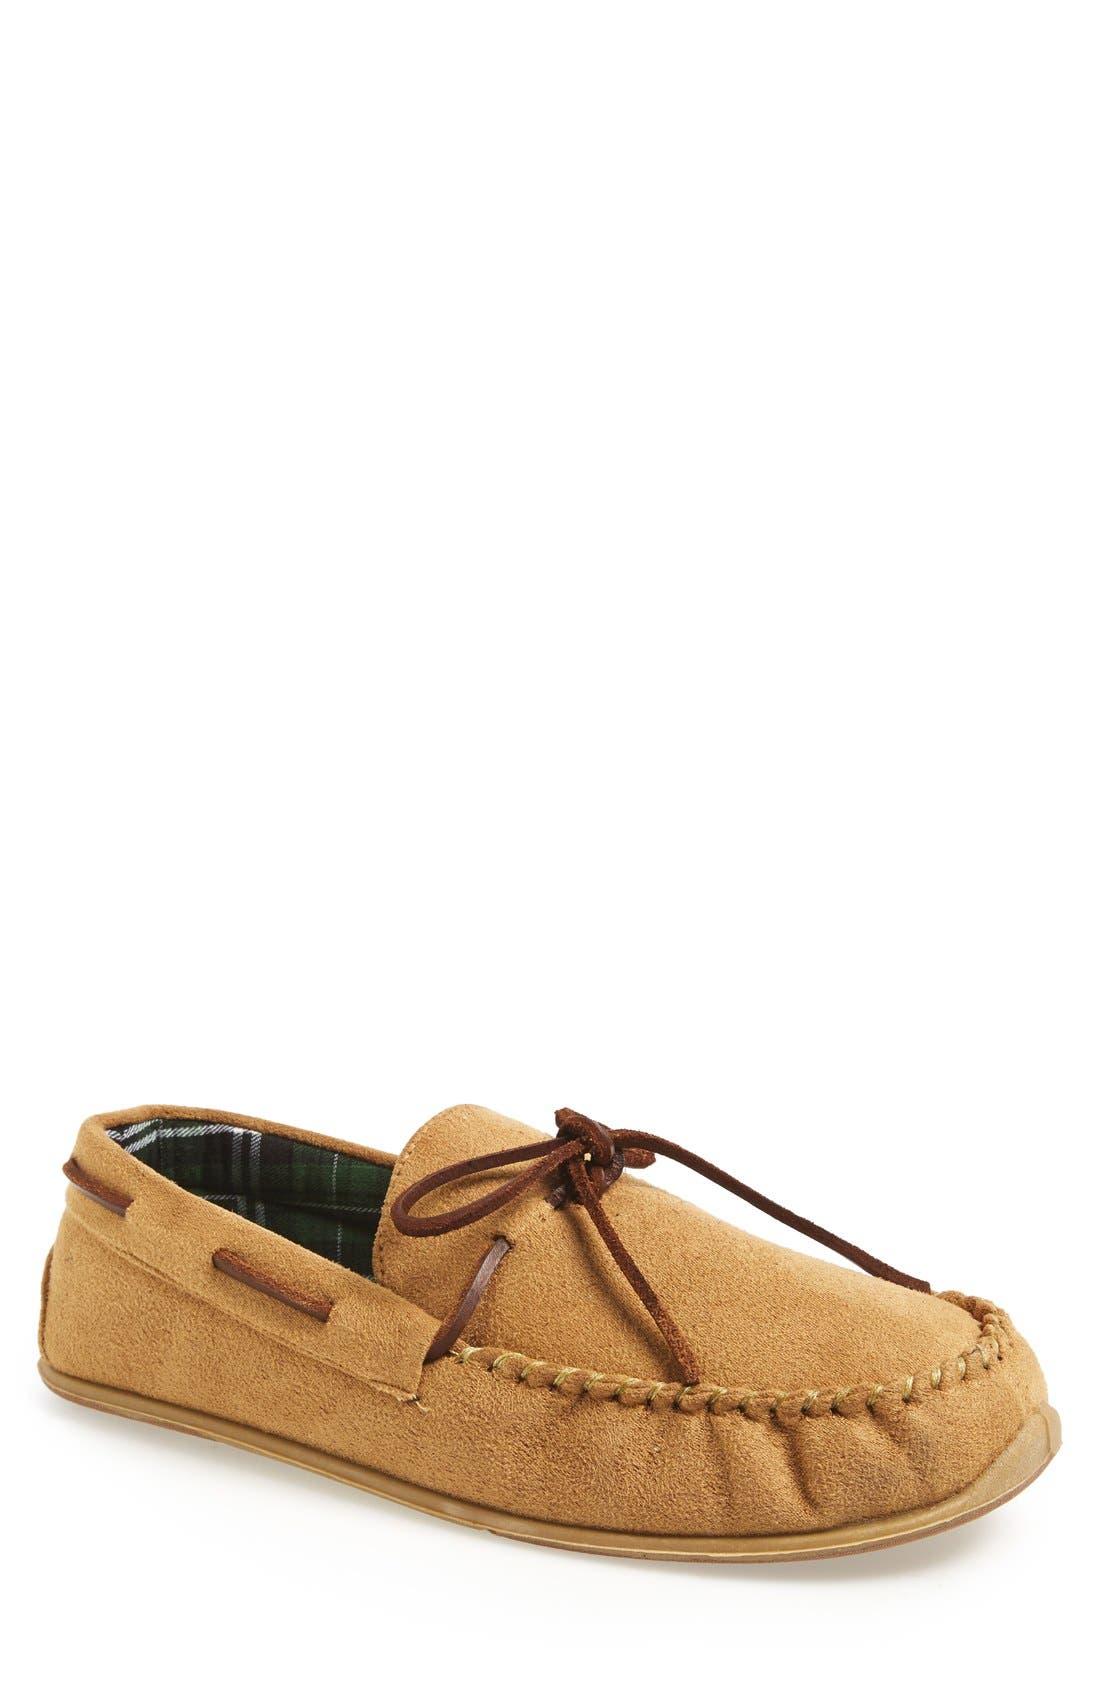 'Fudd' Slipper,                         Main,                         color, Tan